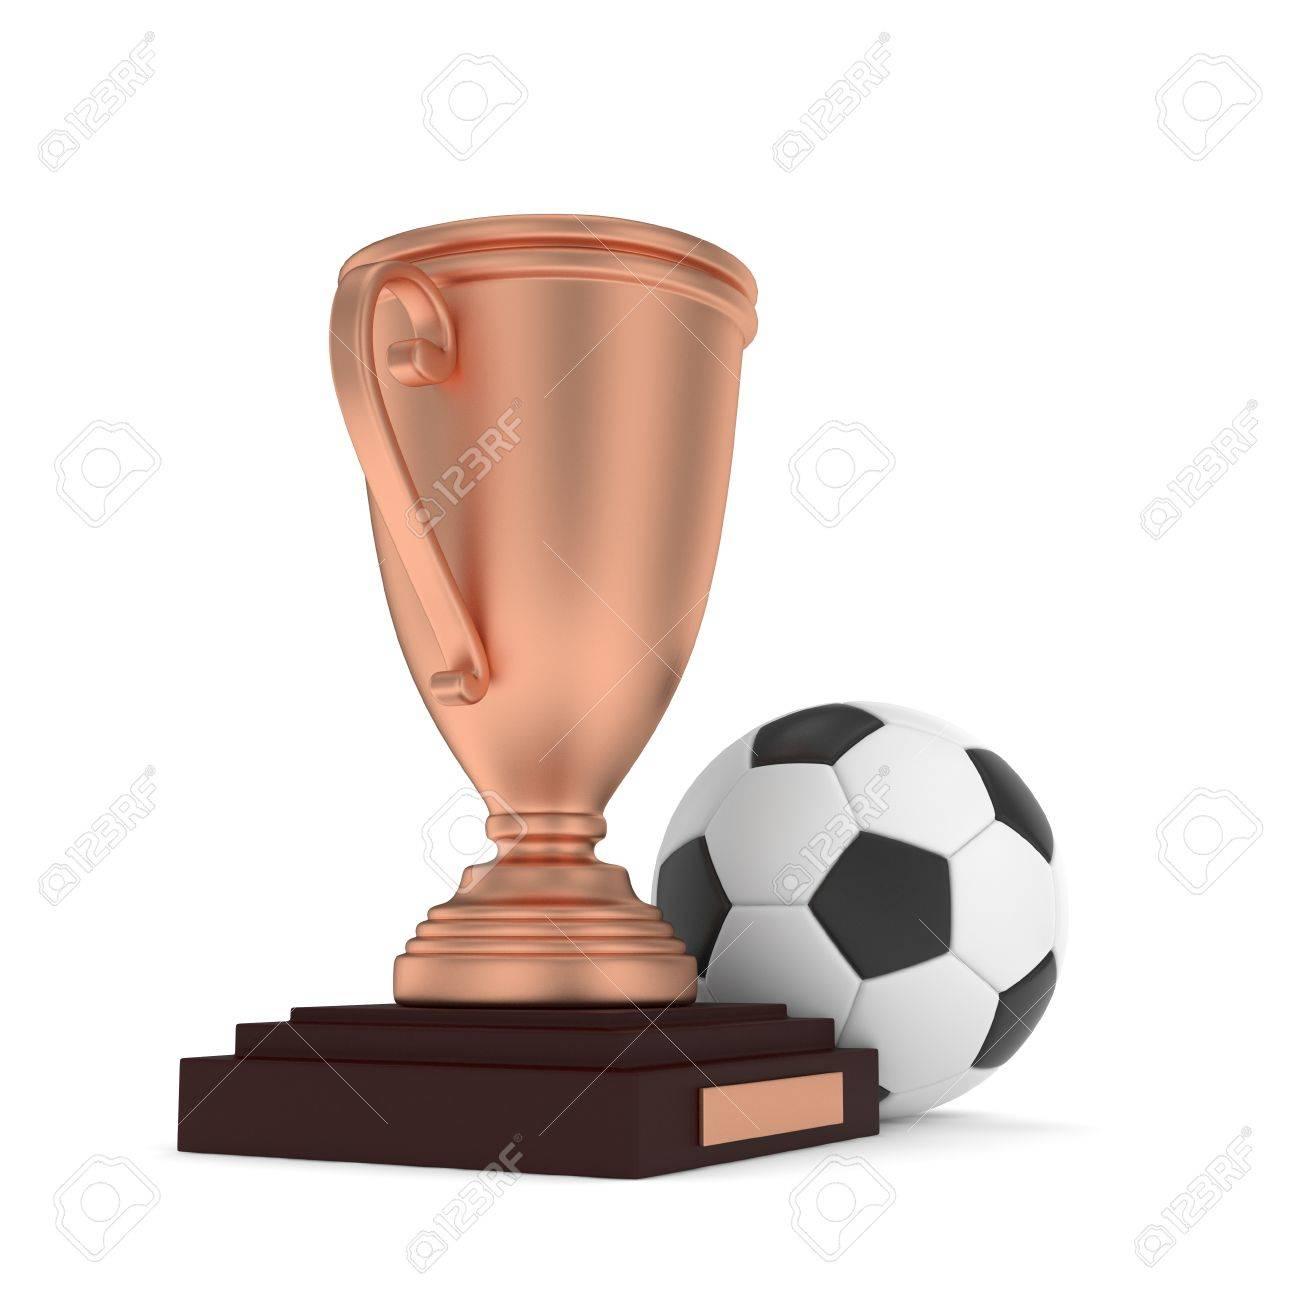 Foto de archivo - Taza de bronce aislados con la bola en el fondo blanco.  Fútbol y fútbol. En tercer lugar trofeo. Juego y la competencia.  representación 3D 11e9dc92c18cc